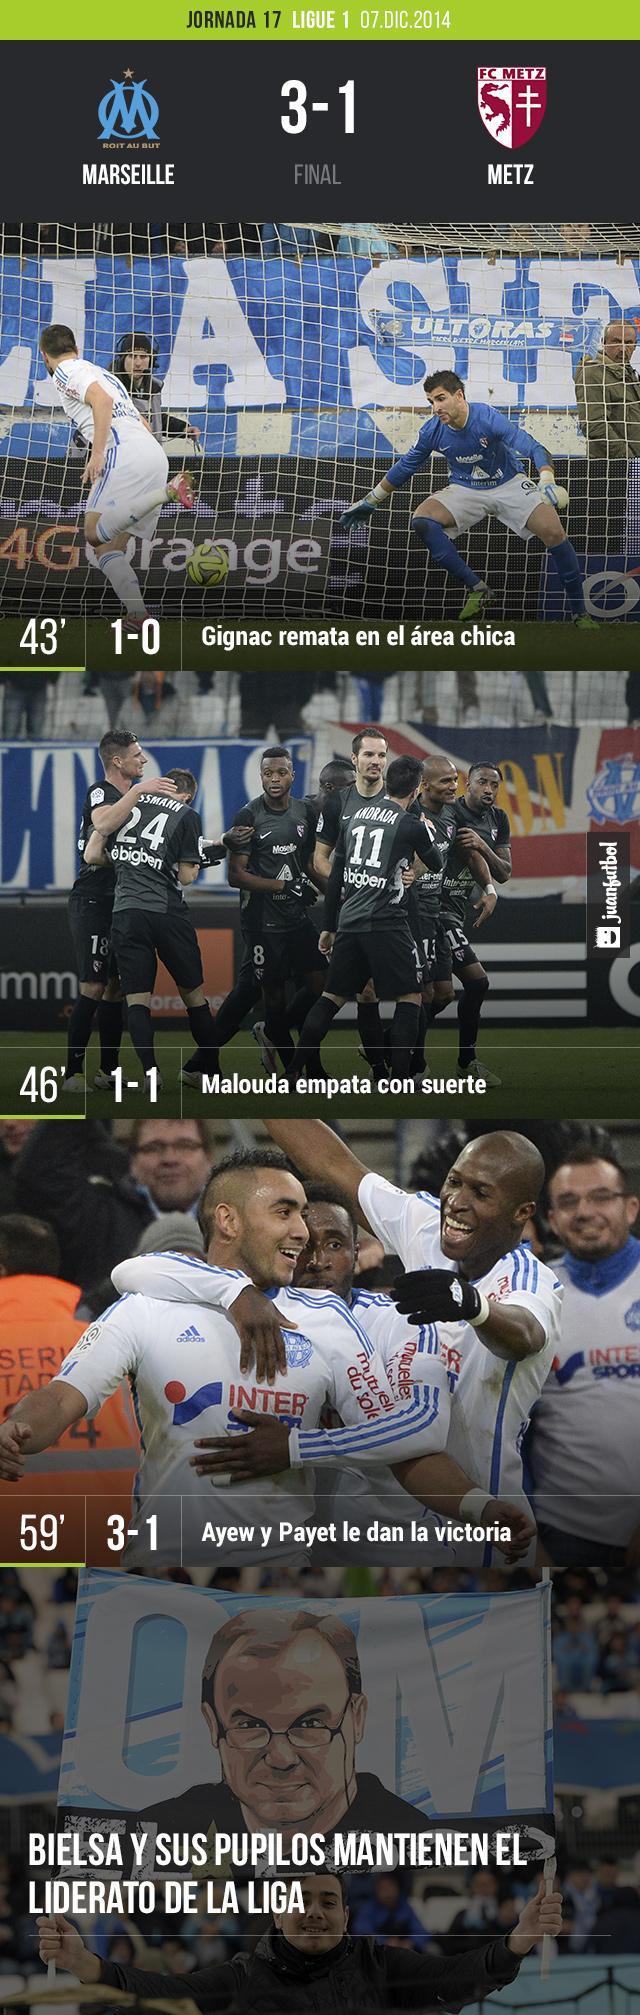 El Olympique de Marseille sigue de líder en la Ligue 1. Venció 3-1 al Metz en la jornada 17